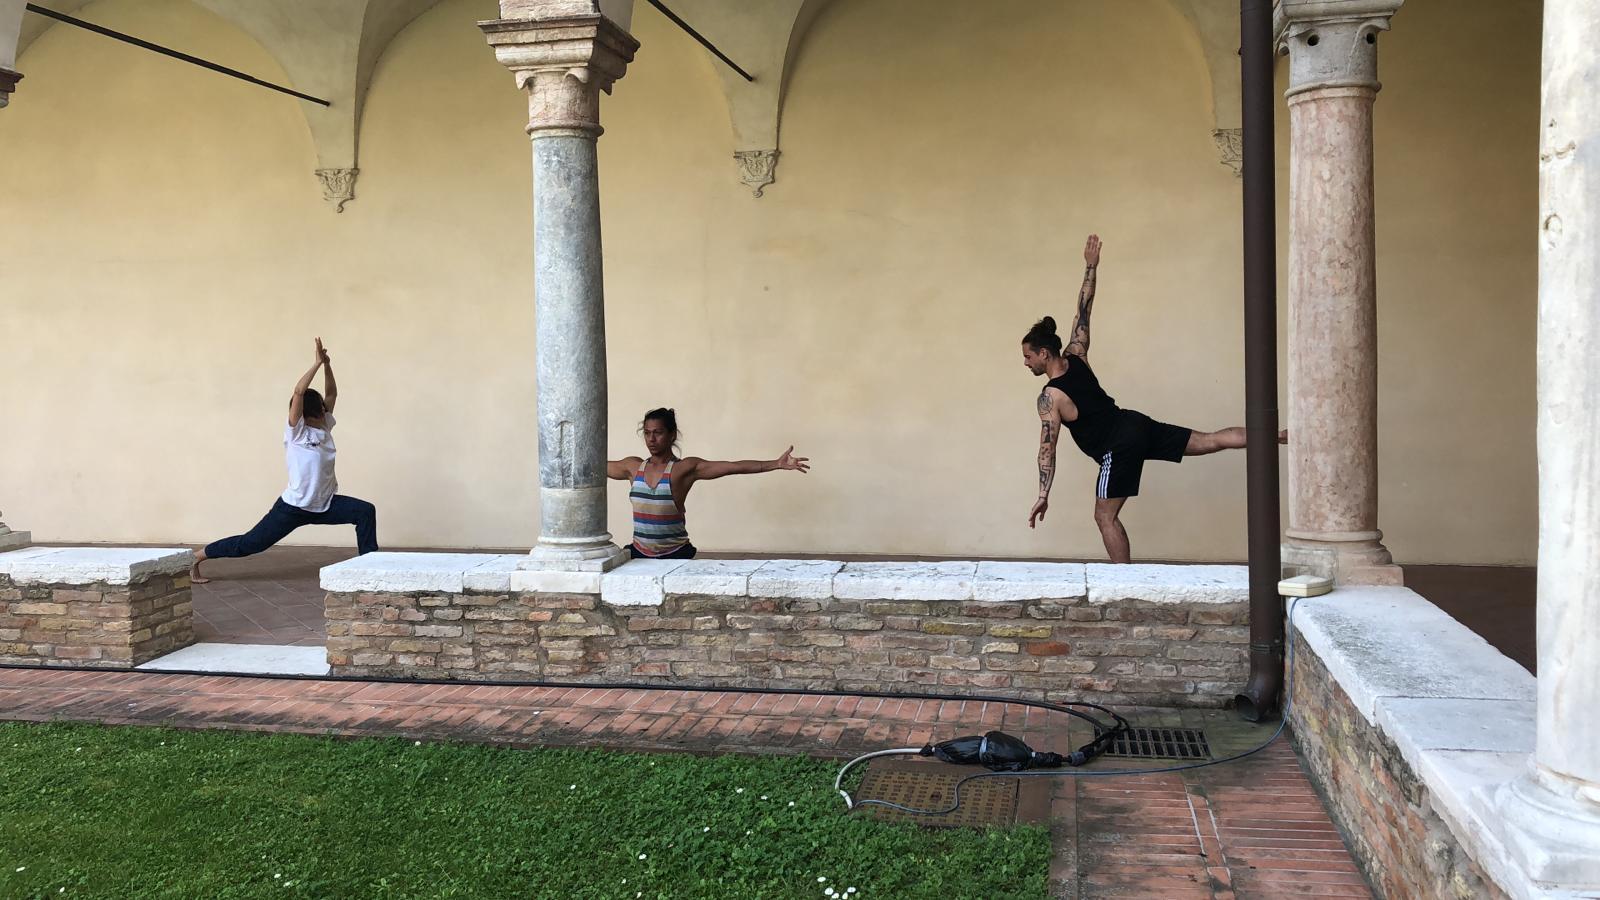 http://www.danzaurbana.eu/associazione/wp-content/uploads/2019/05/Sedimenti_4.jpg